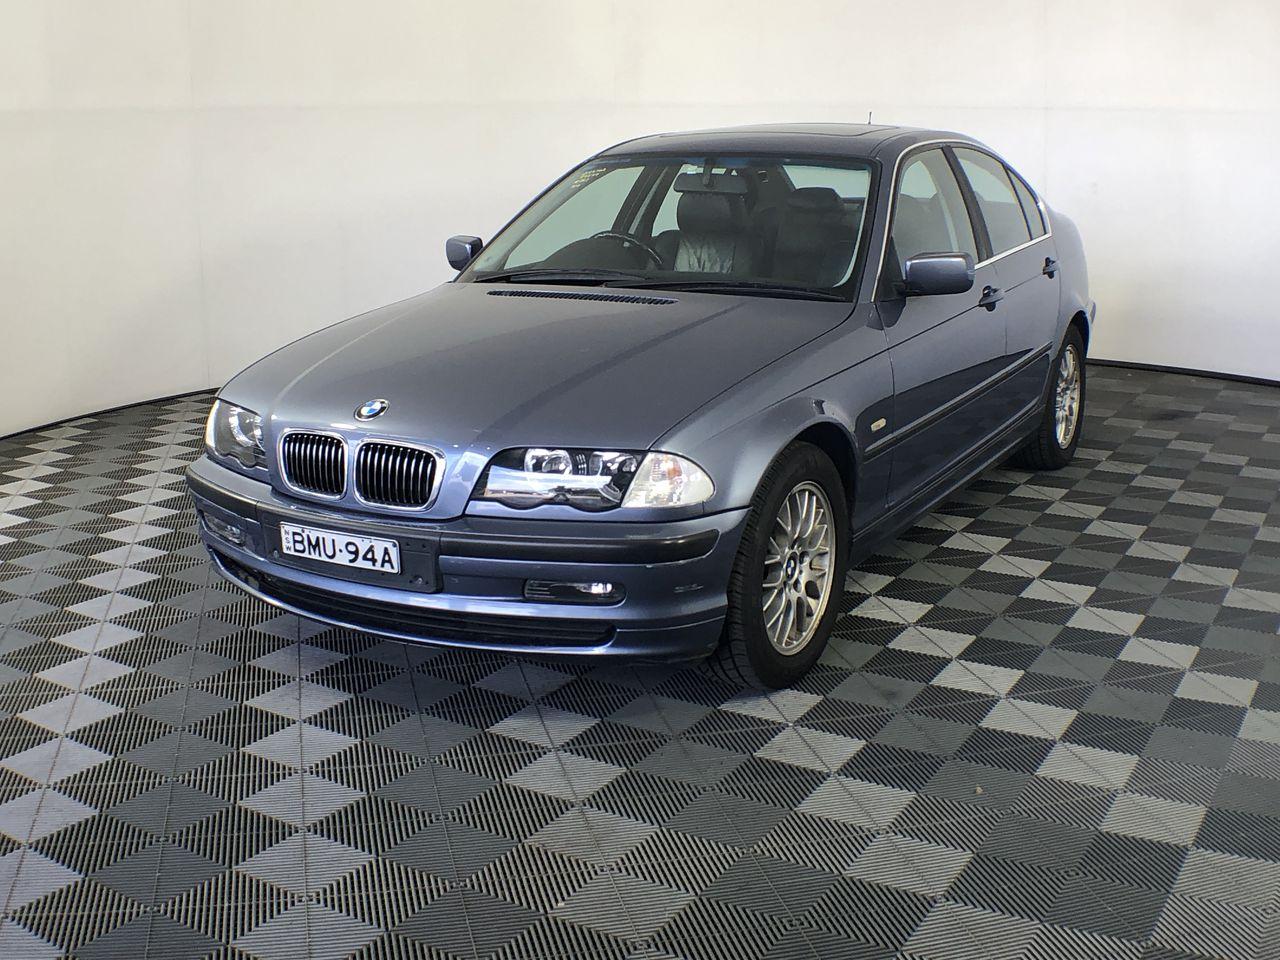 1999 Bmw 323i Automatic Sedan